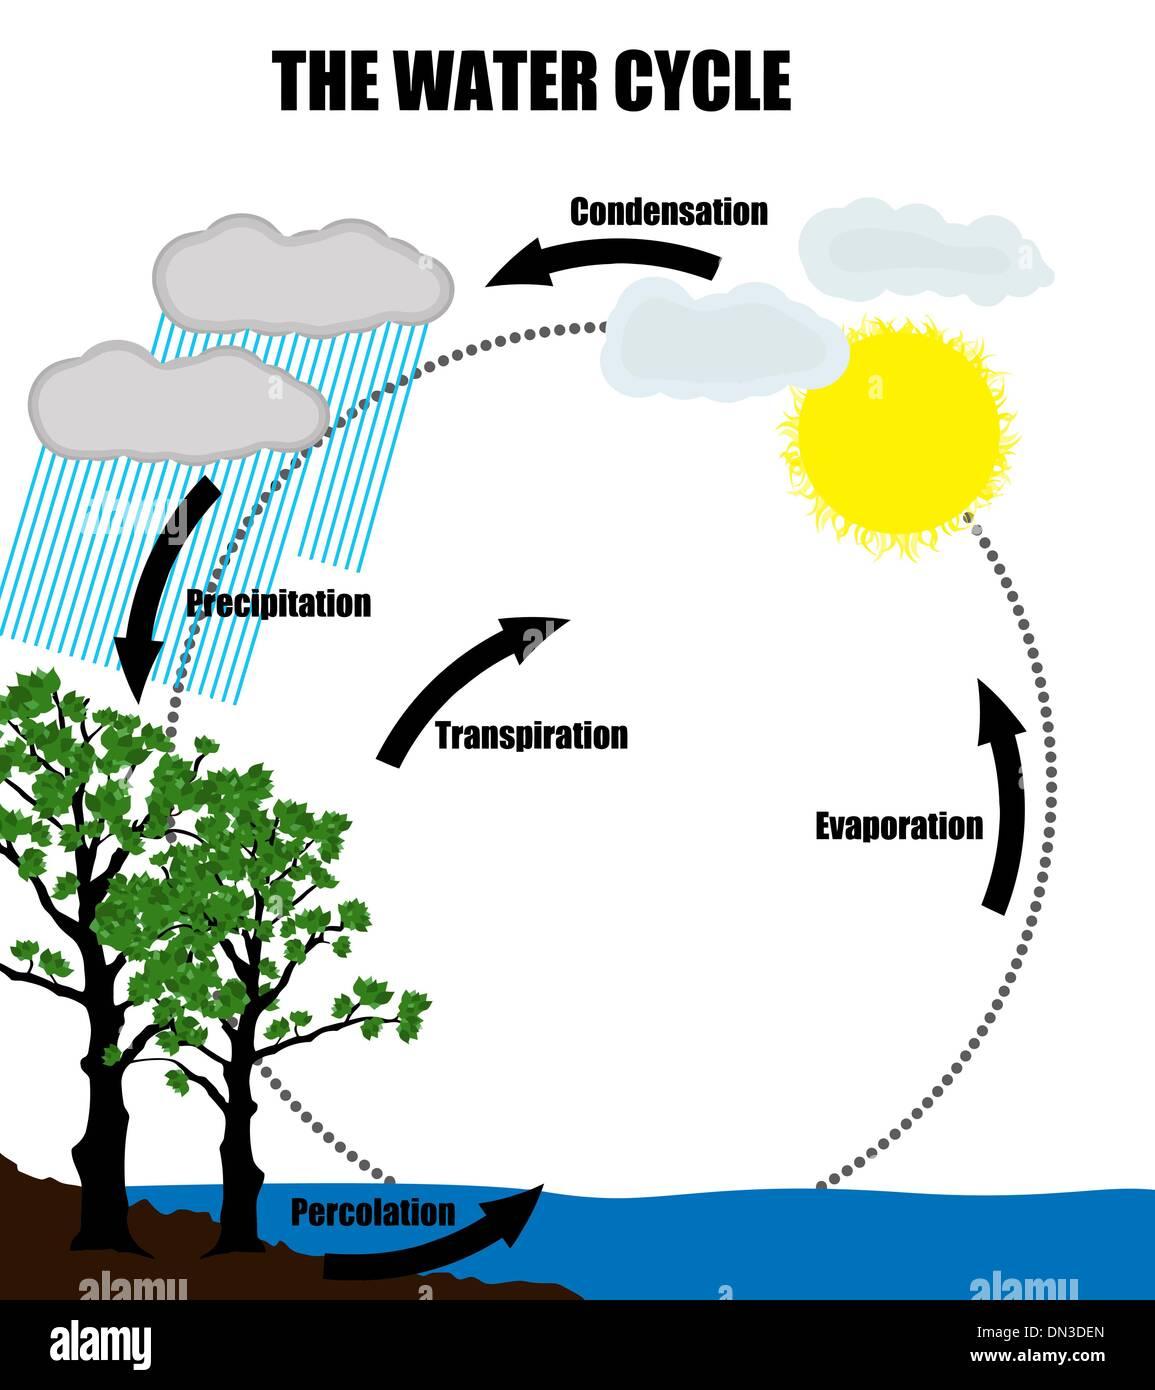 hight resolution of representaci n esquem tica del ciclo del agua en la naturaleza imagen de stock